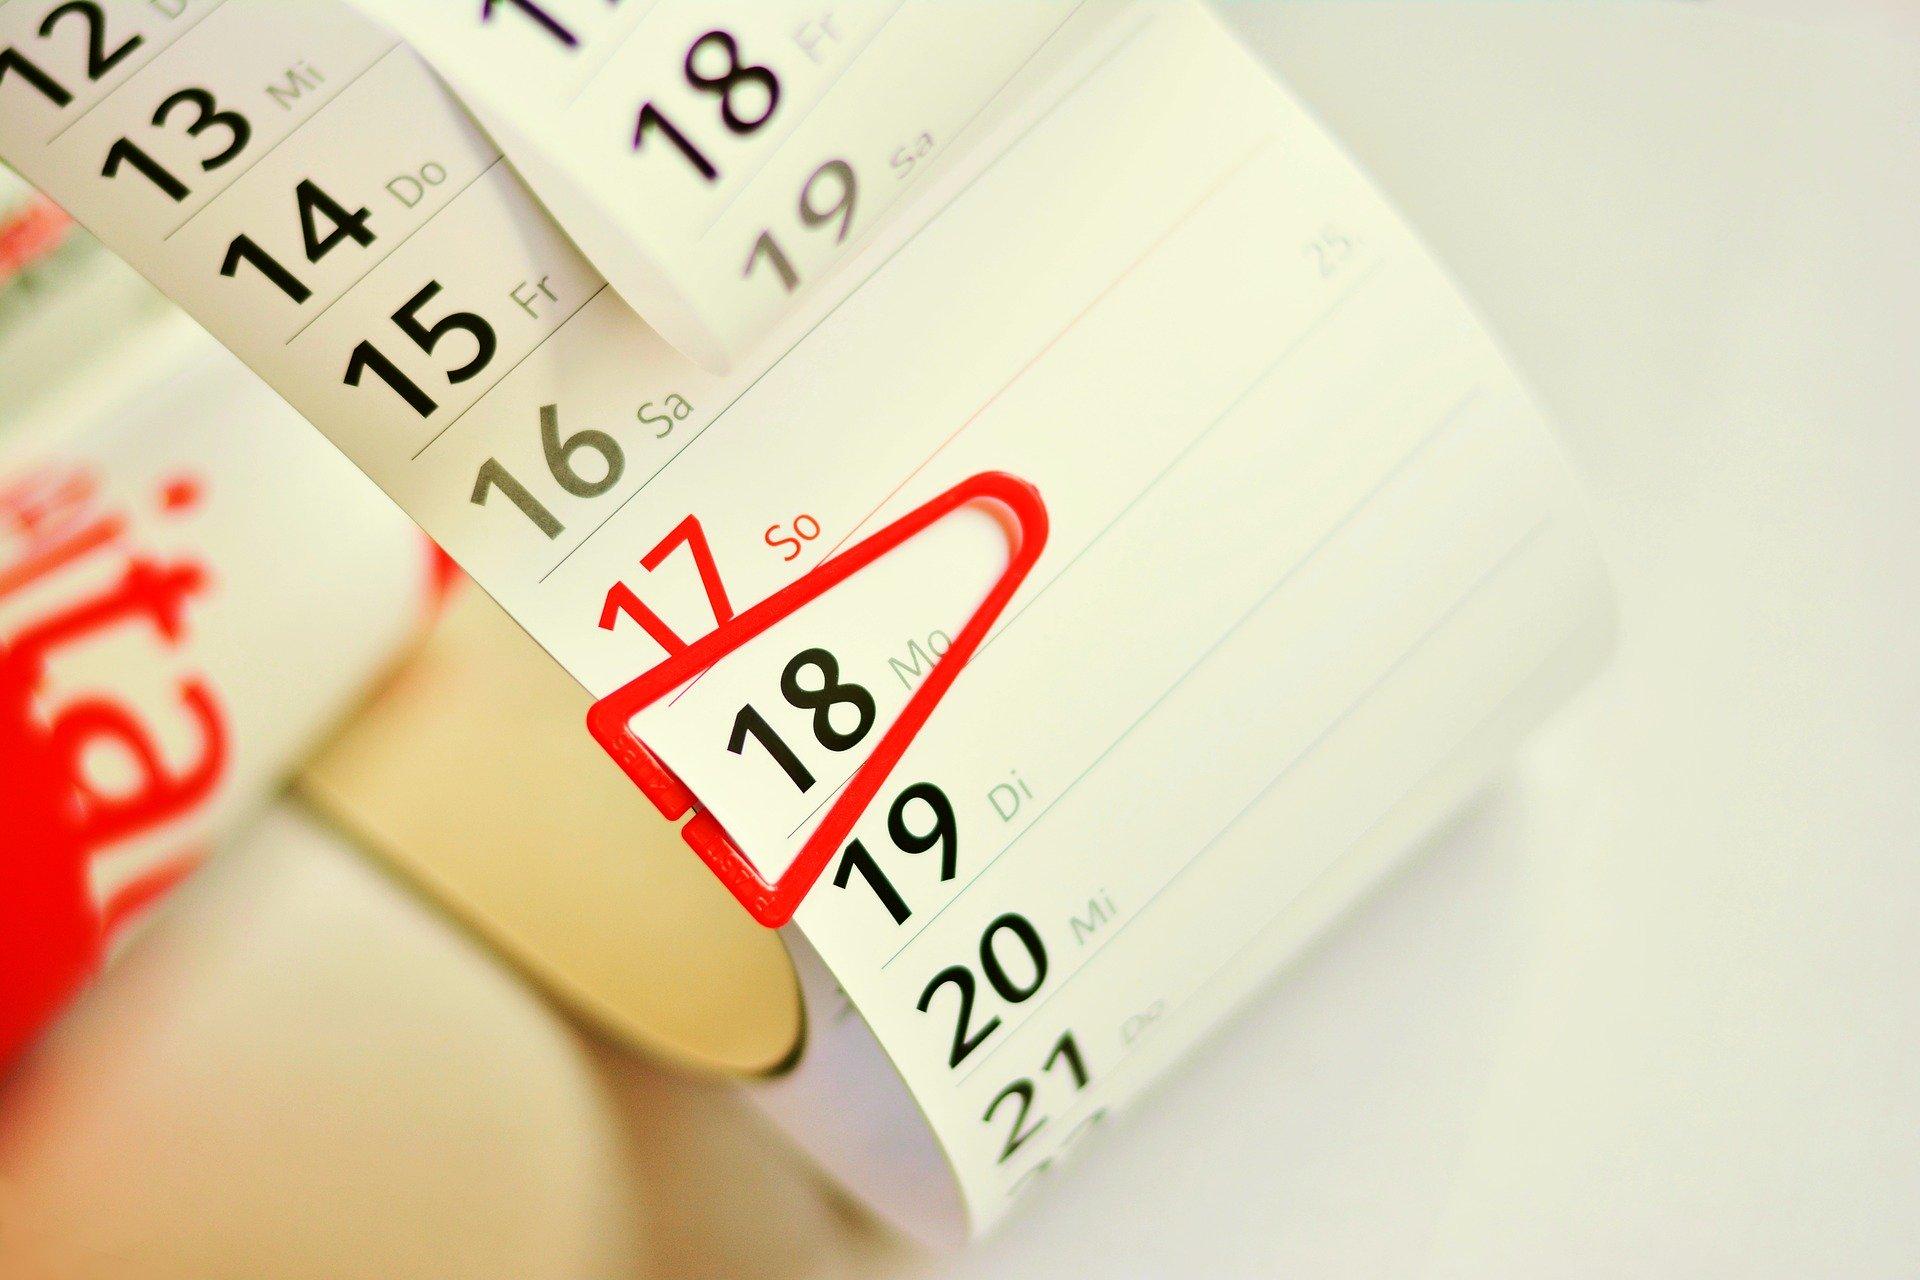 Kalendáre a diáre – naši najlepší spoločníci!